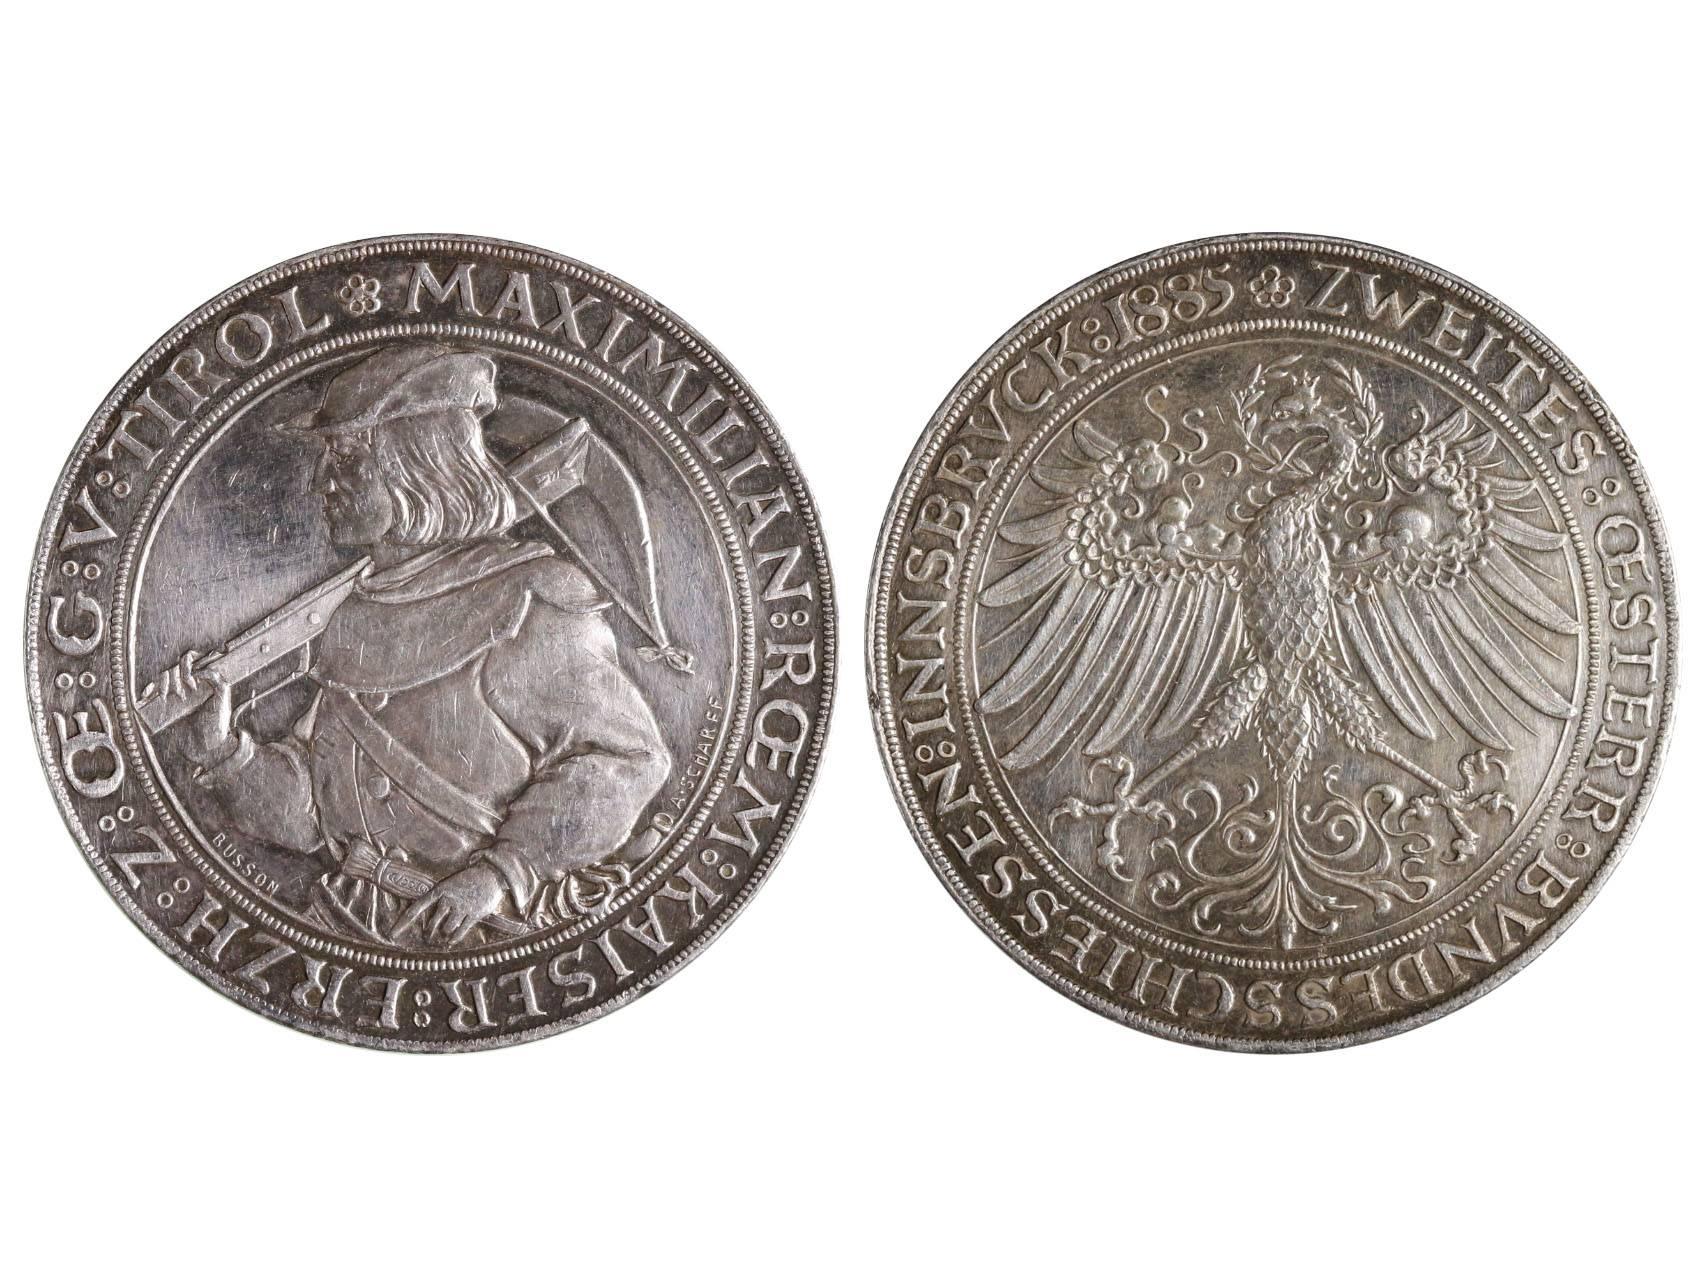 František Josef I. 1848-1916 - 2 Zlatník 1885  cena II.rakouských střeleckých závodů v Insbrucku, Ag, N154